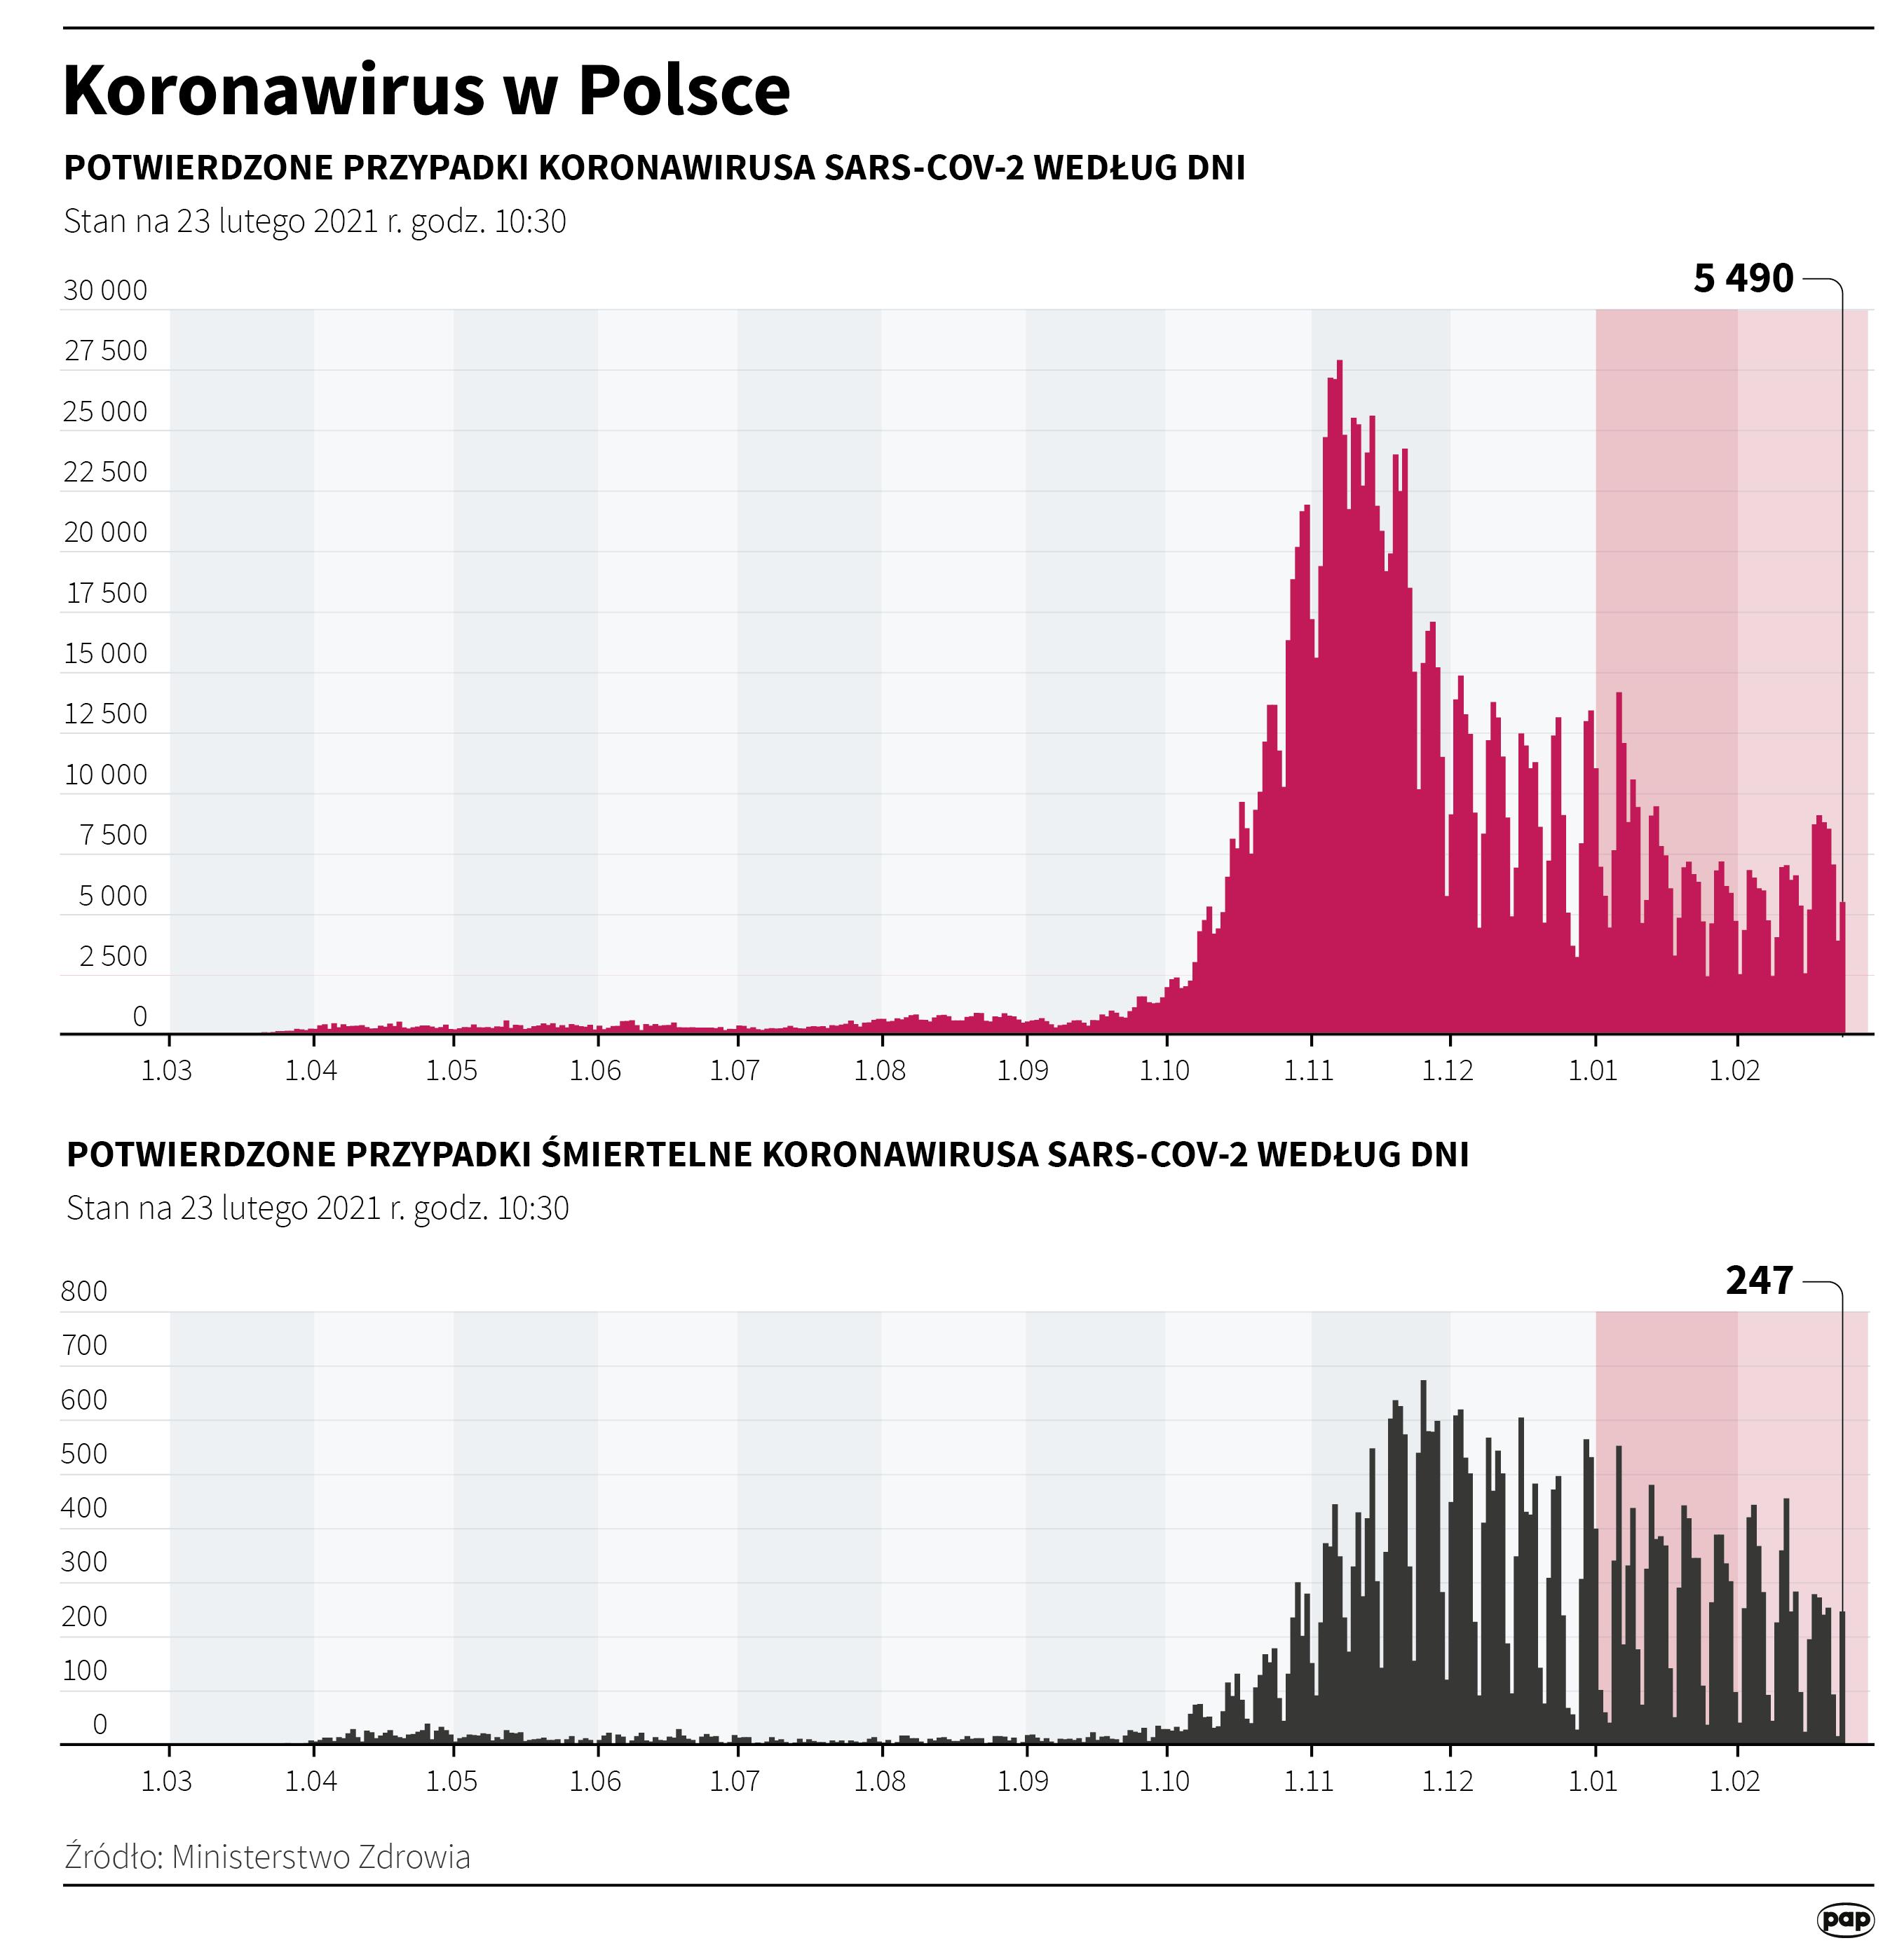 Koronawirus w Polsce stan na 23 lutego [autor: Maciej Zieliński, źródło: PAP]